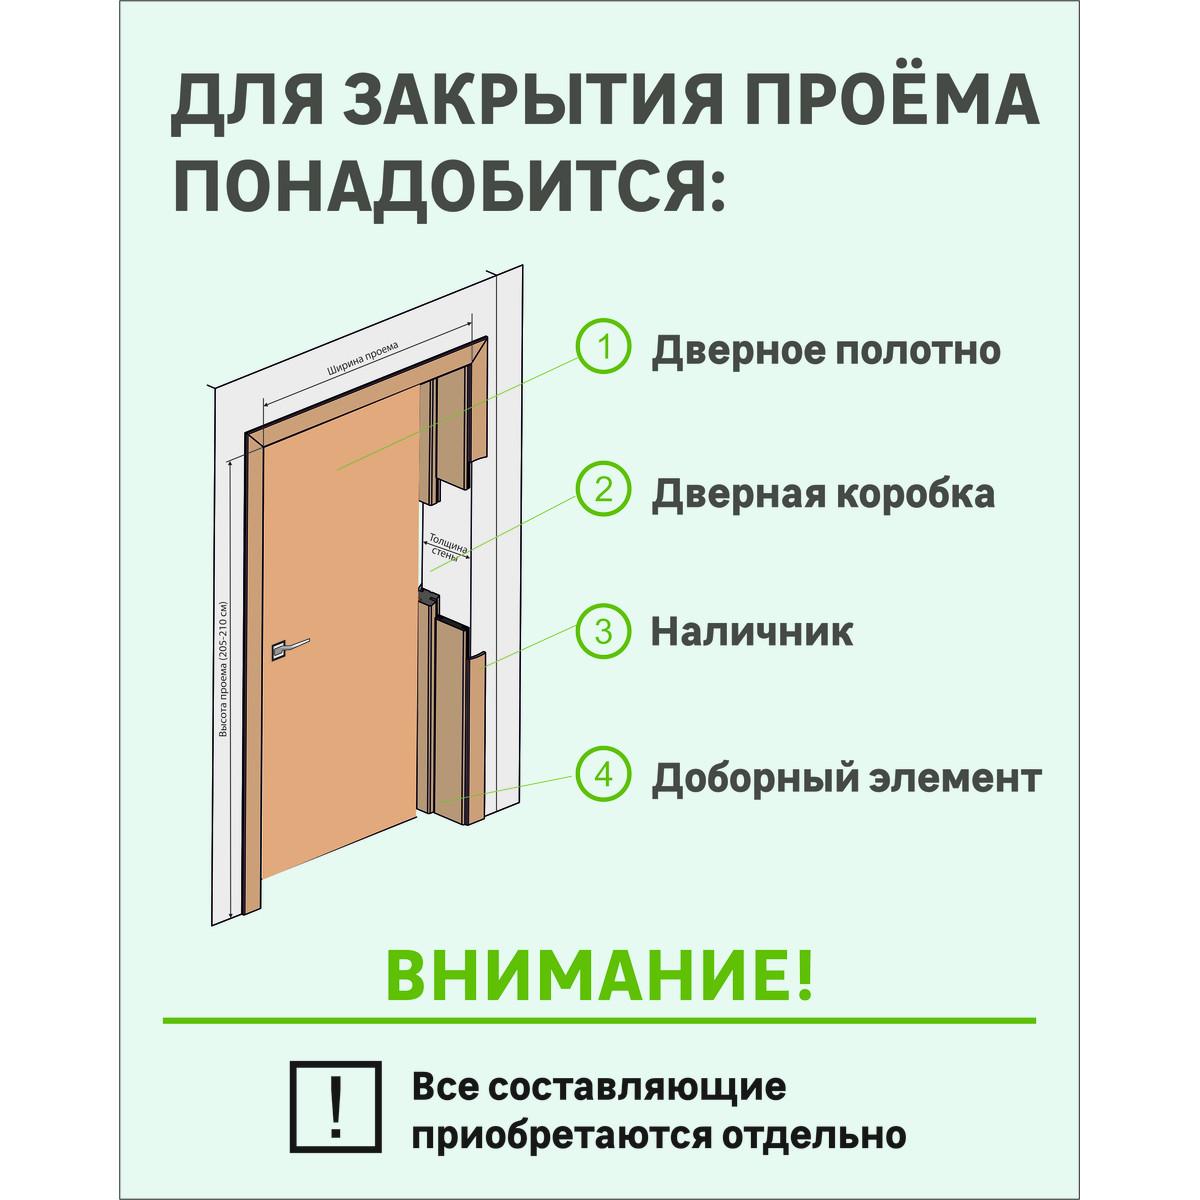 Дверь Межкомнатная Остеклённая Бэлла 90x200 Ламинация Цвет Мокко С Фурнитурой